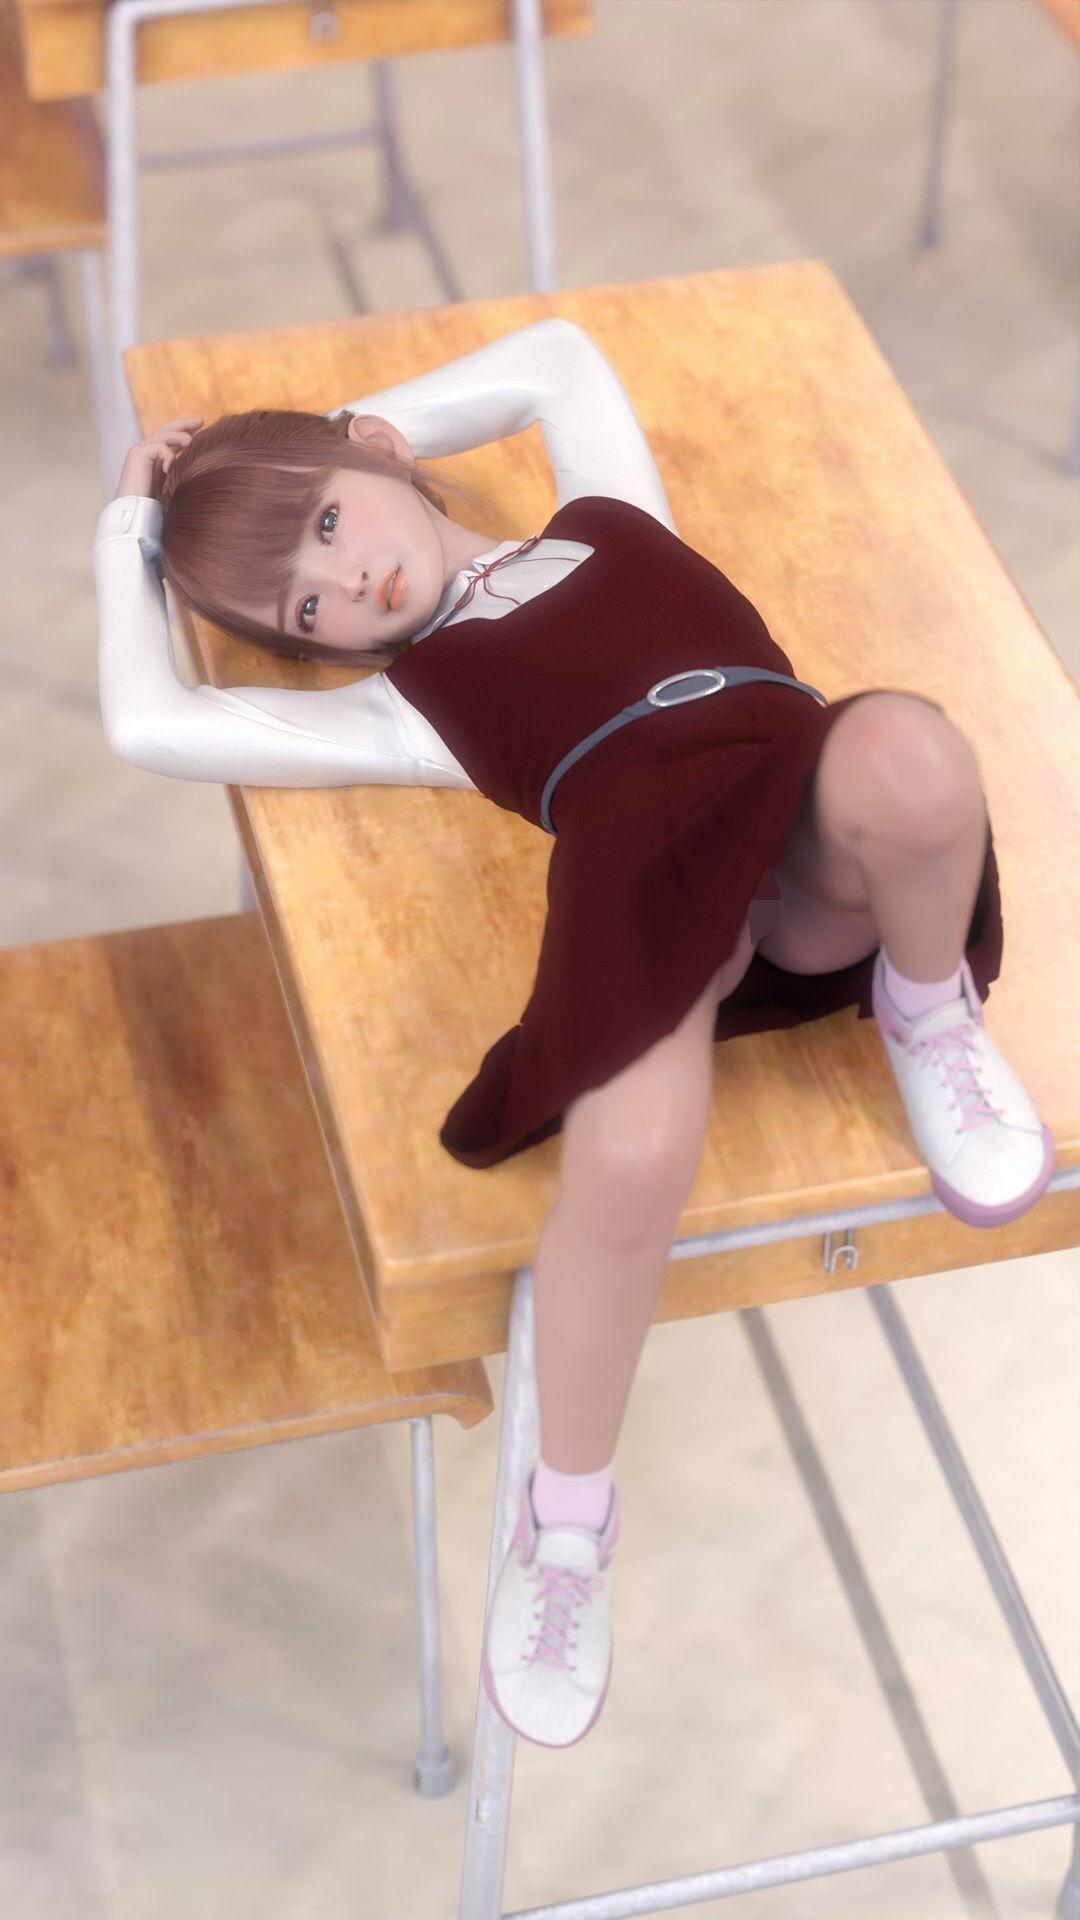 小柄な彼女のサンプル画像8